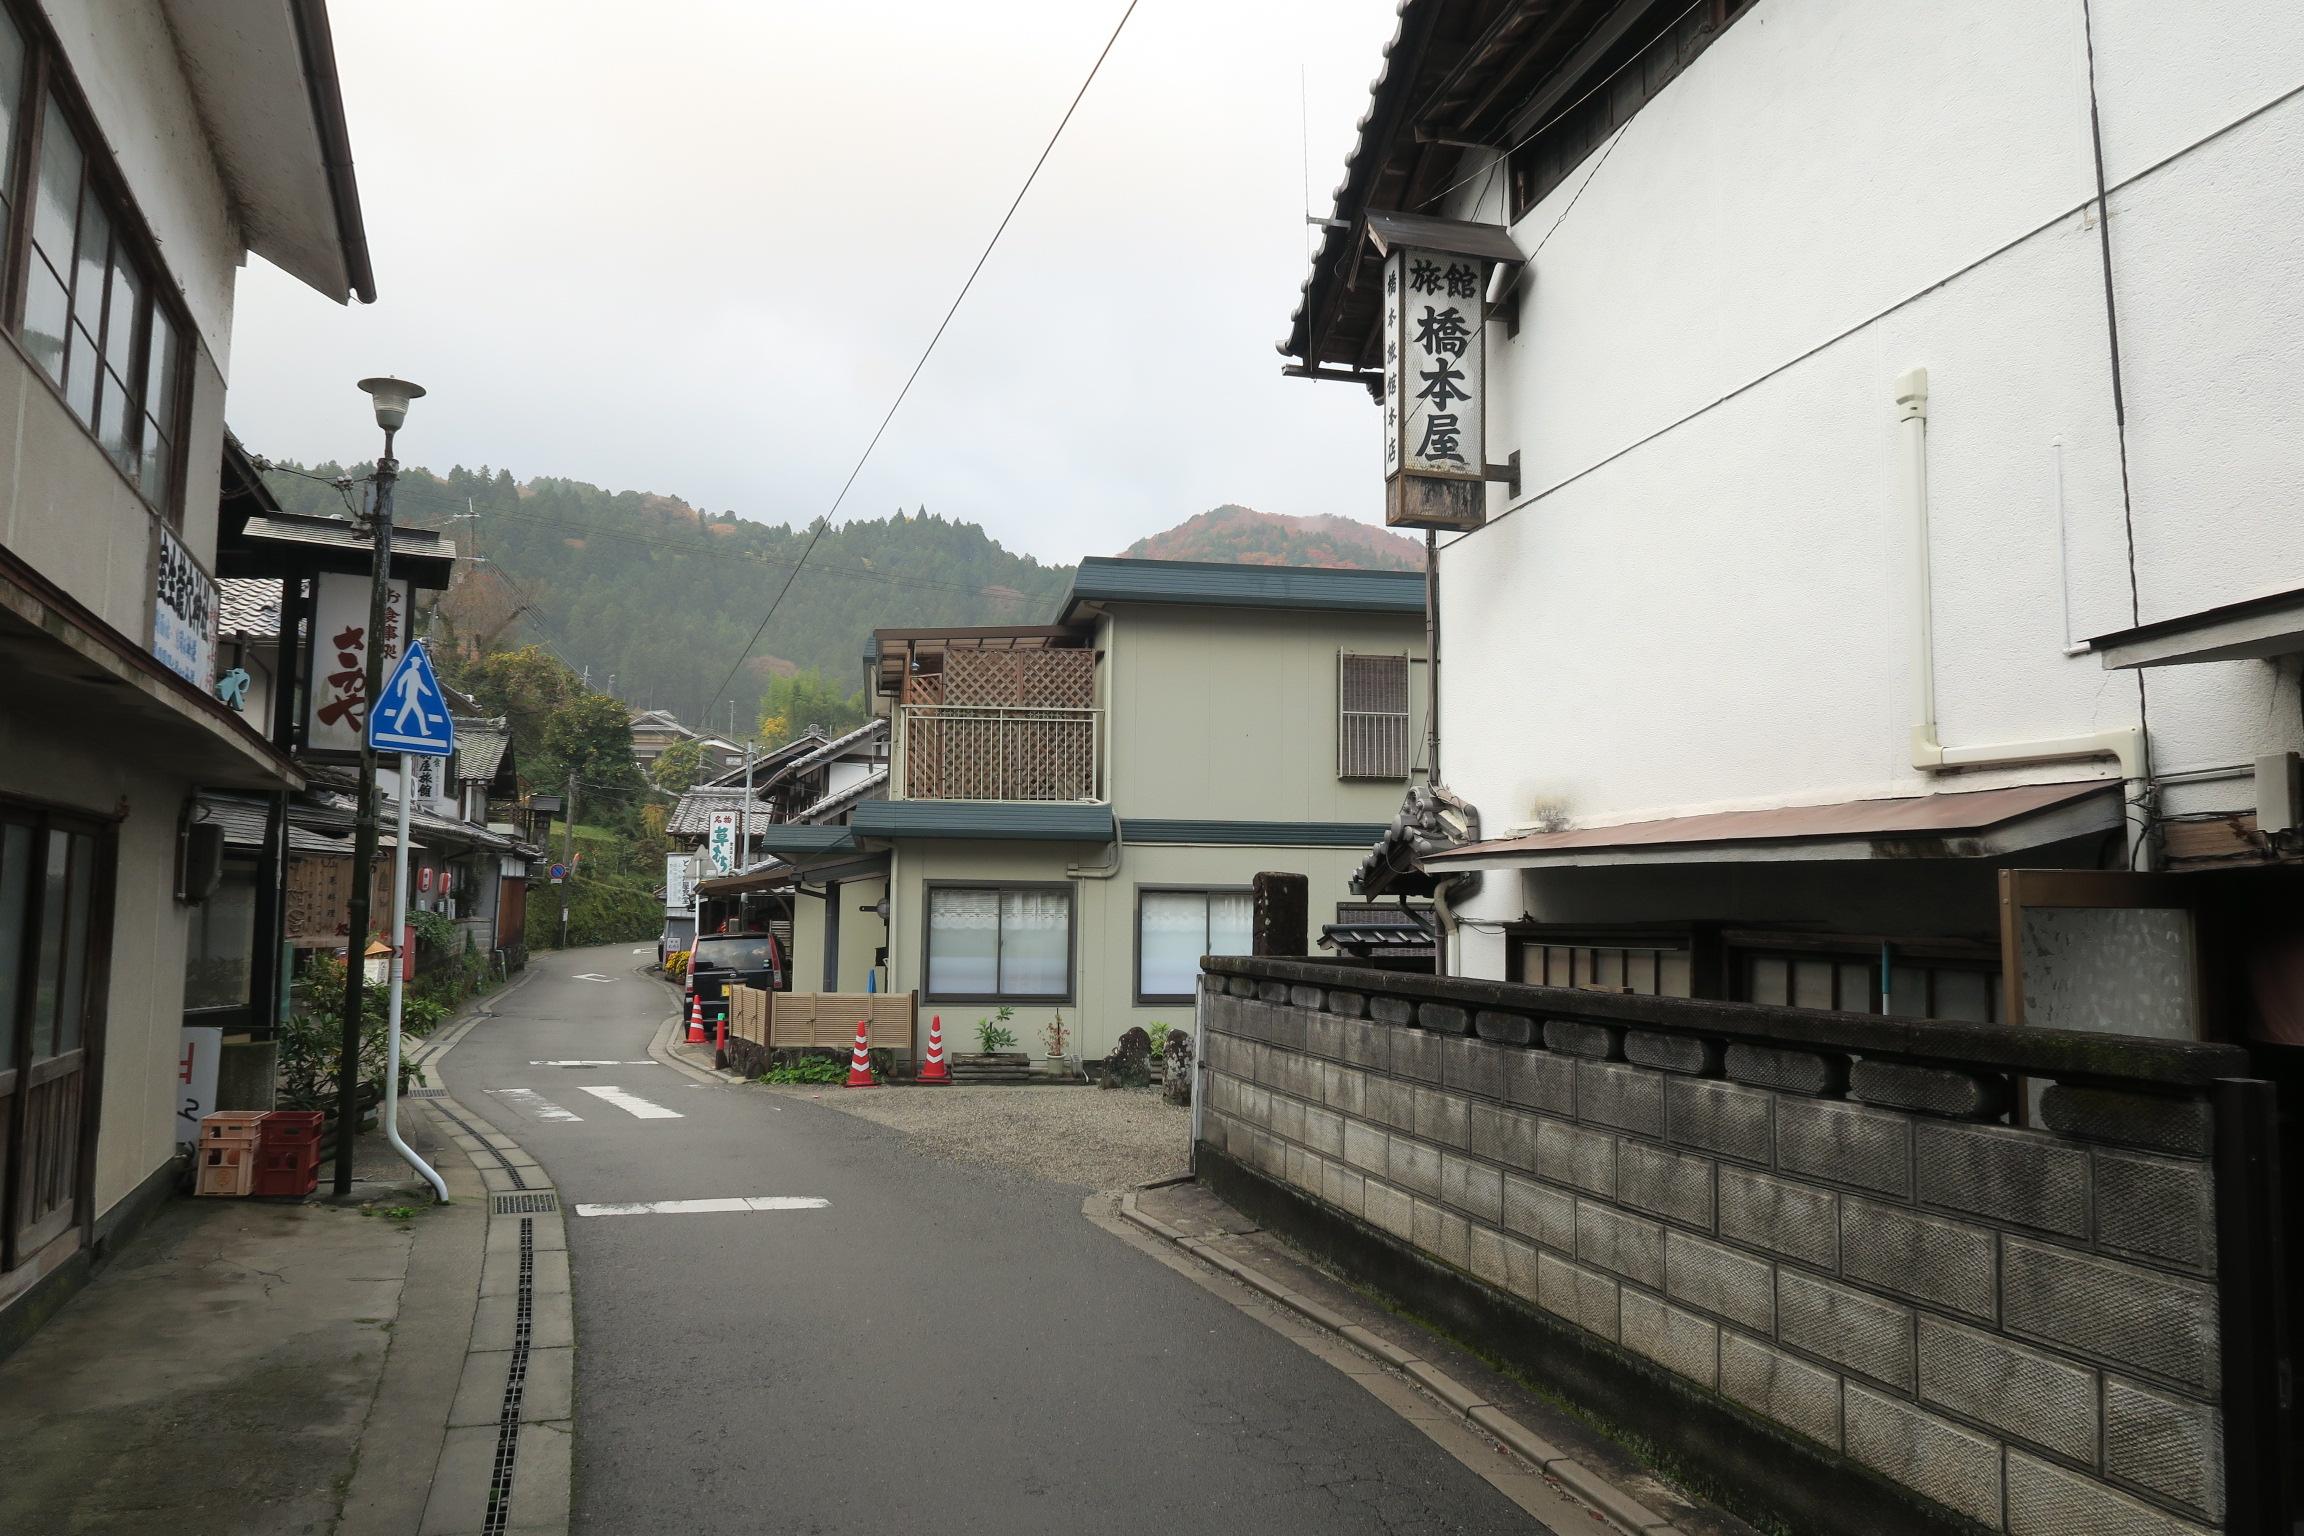 室生寺の早朝拝観に向かいます。右手の白い建物「旅館 橋本屋」奥を右手に曲がります。